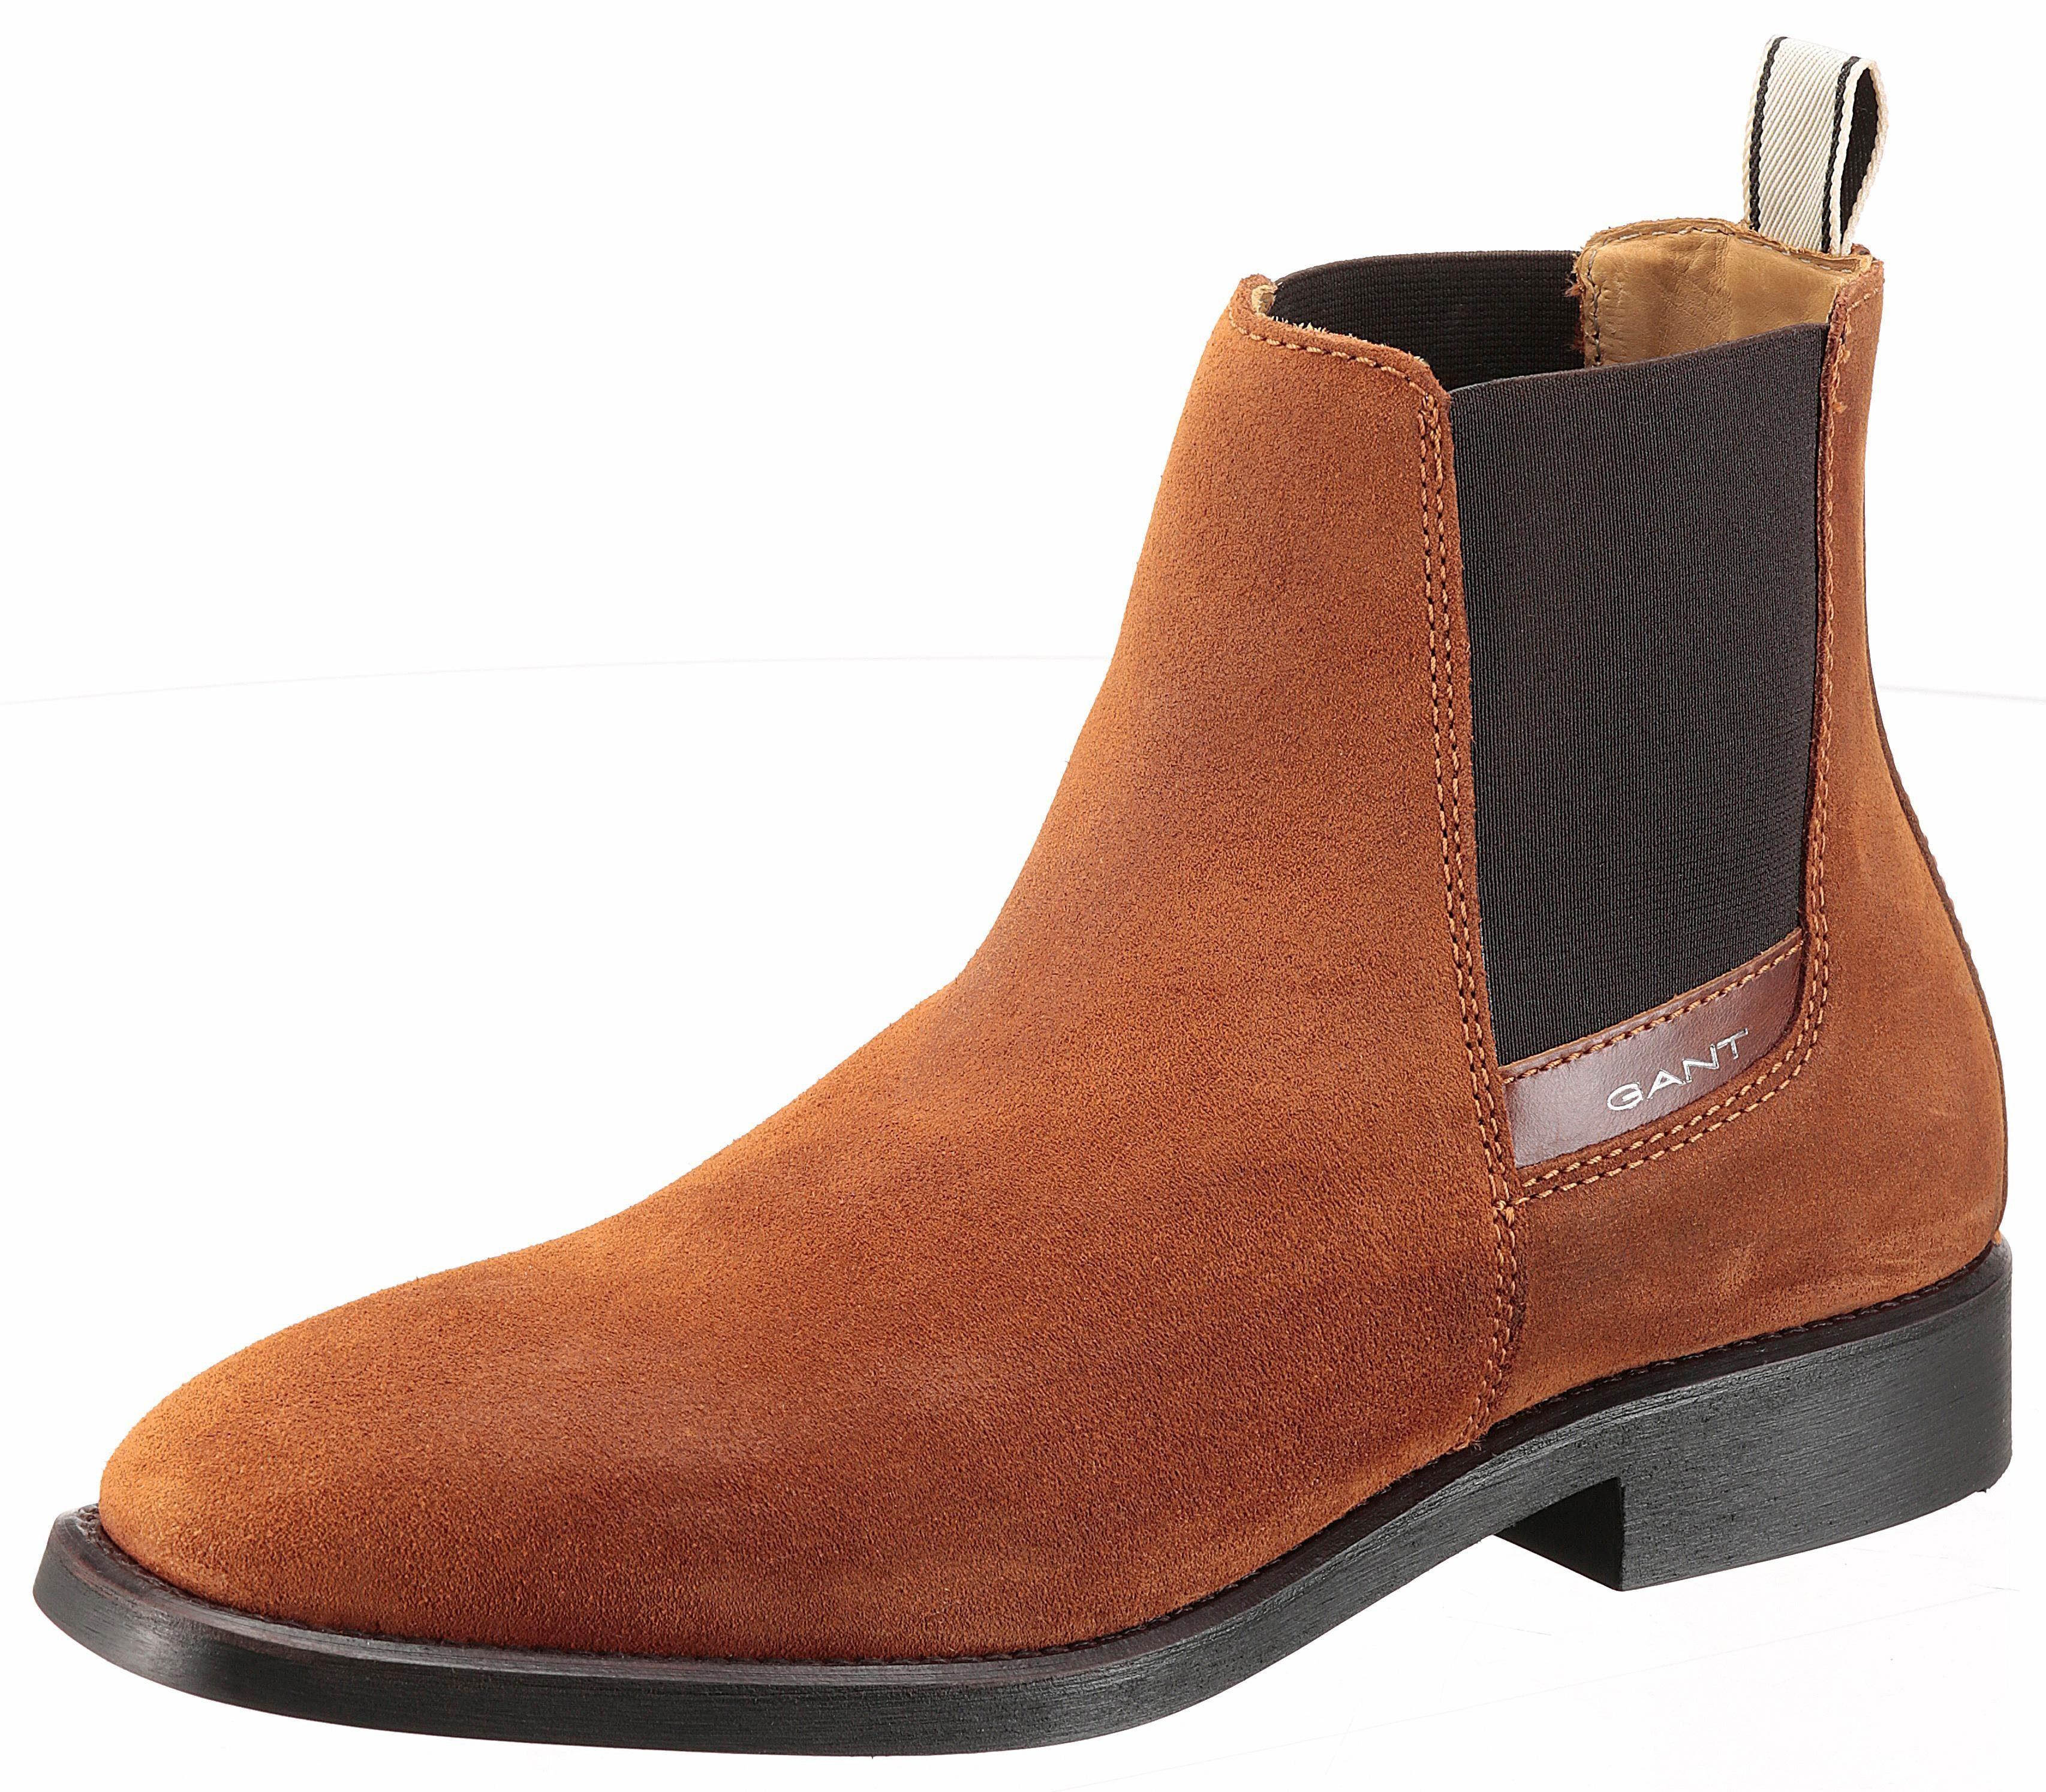 Gant Footwear James Chelseaboots, mit seitlichen Stretcheinsätzen online kaufen  cognac